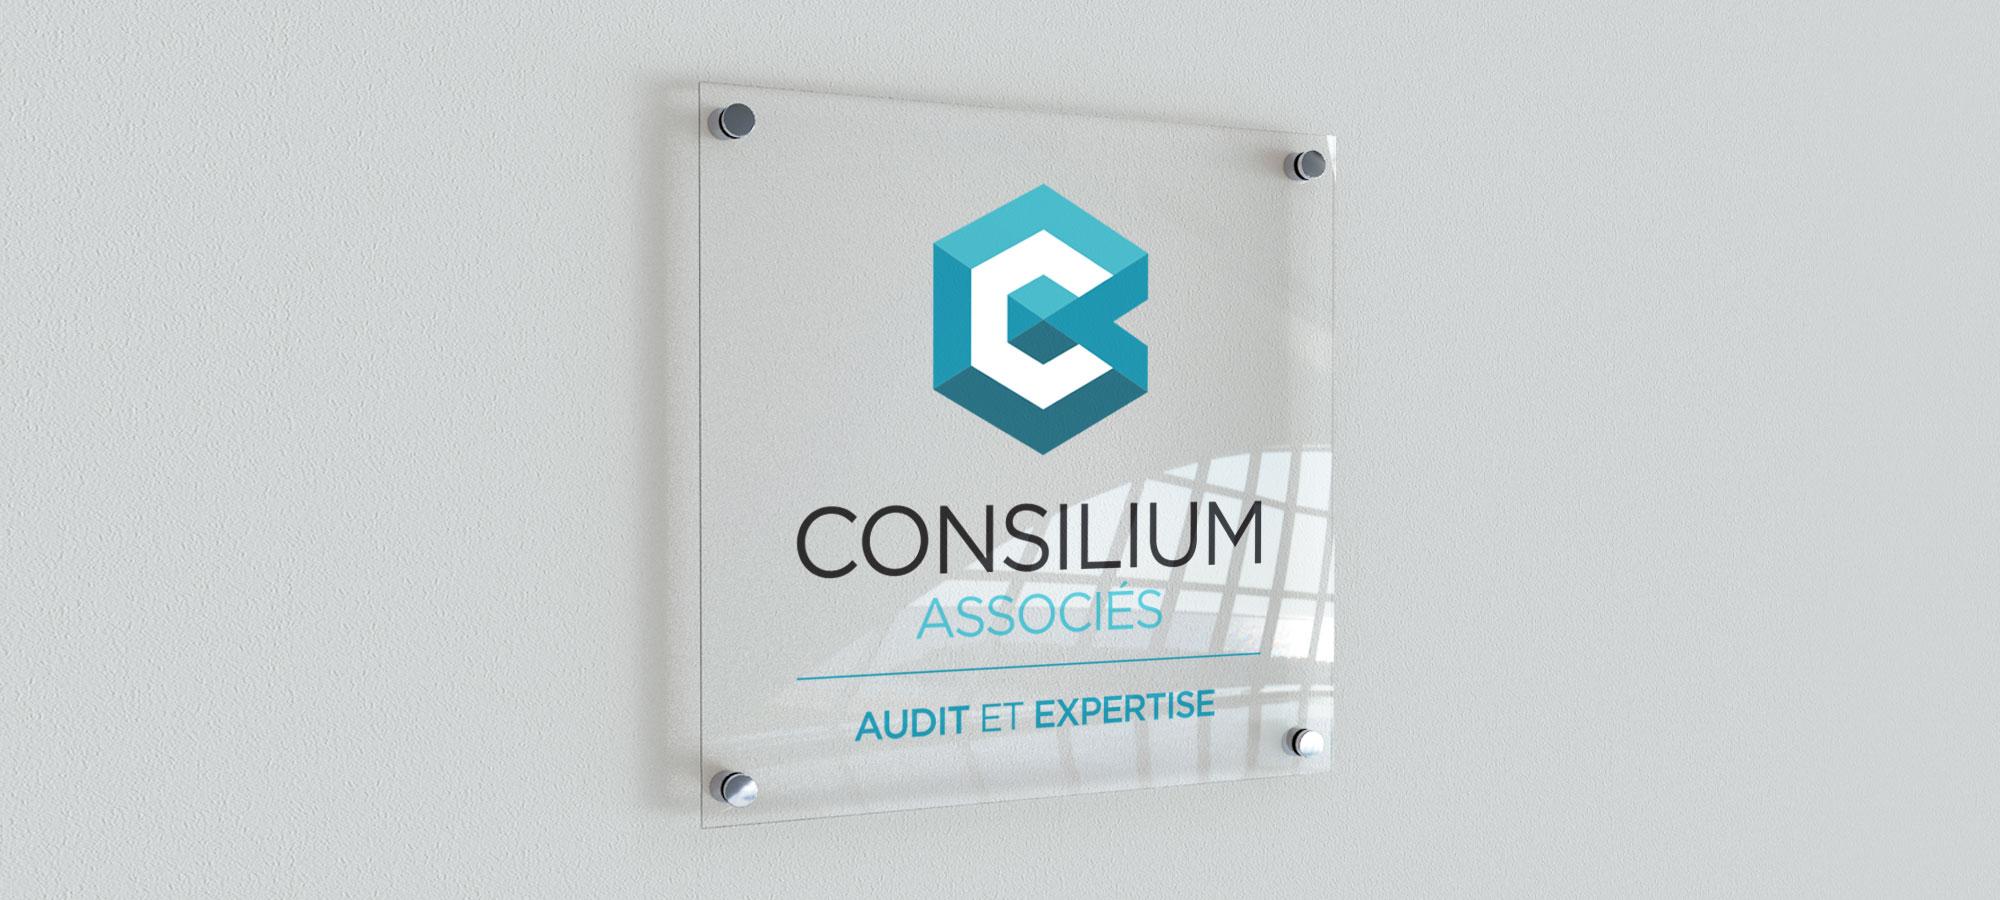 3-consilium